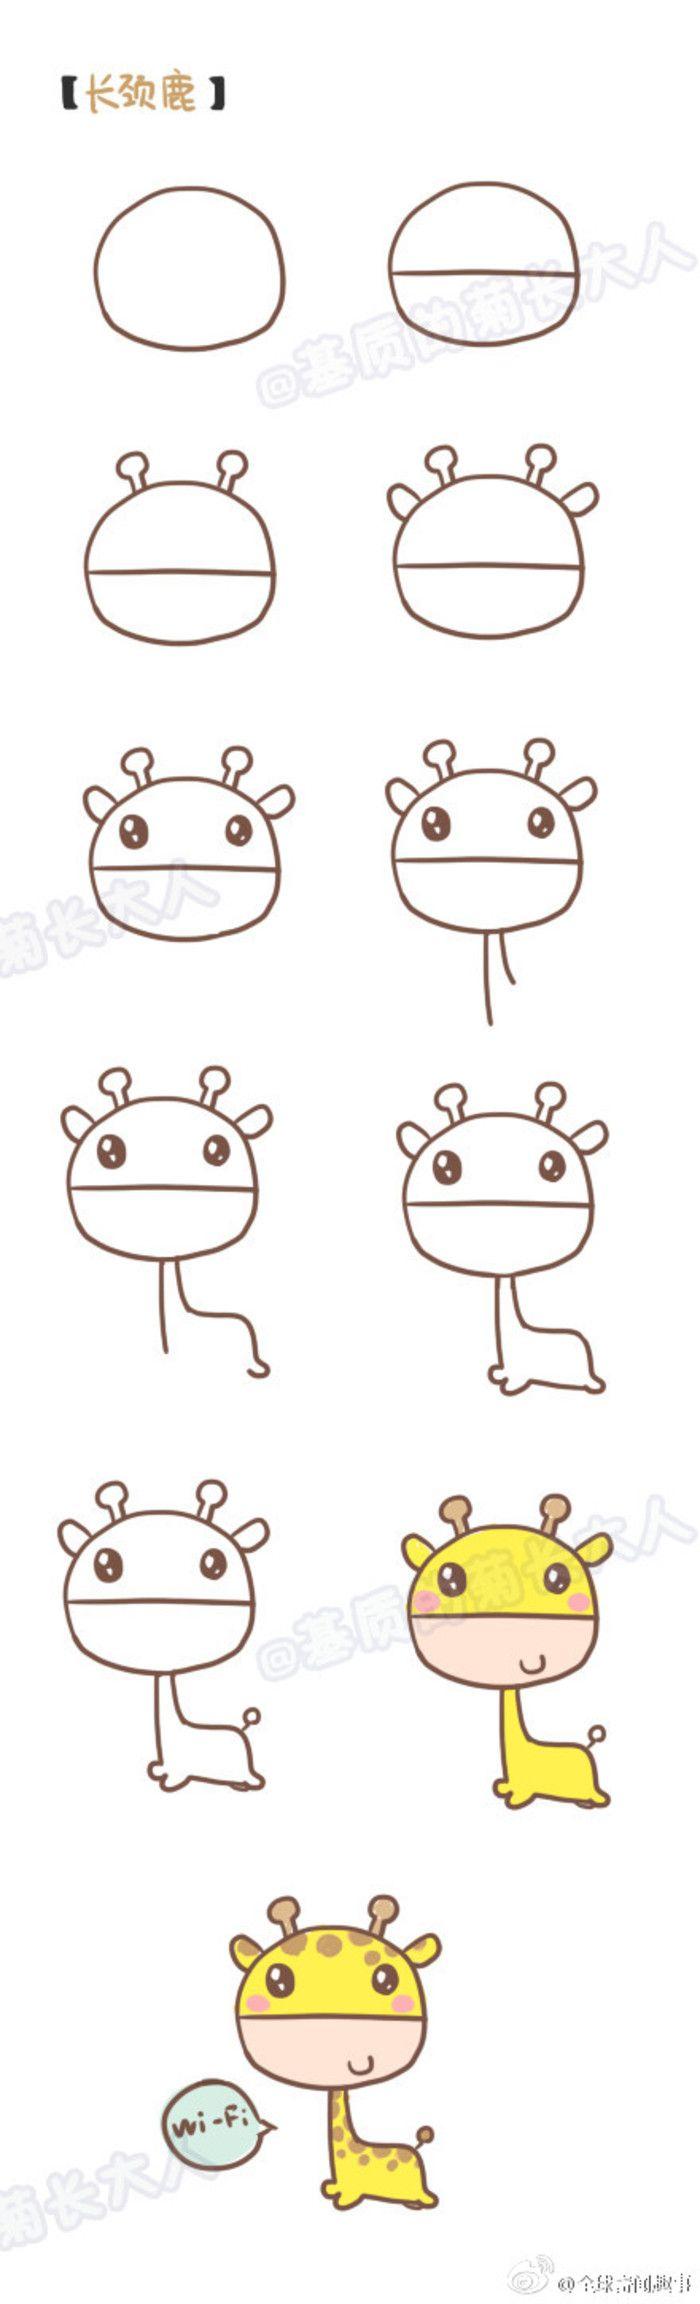 Le enseñará a dibujar un círculo grupo permanecer Meng animales pequeños, mantienen los cursos de auto-estudio elaboran ~ Shu Ju quien creció matriz